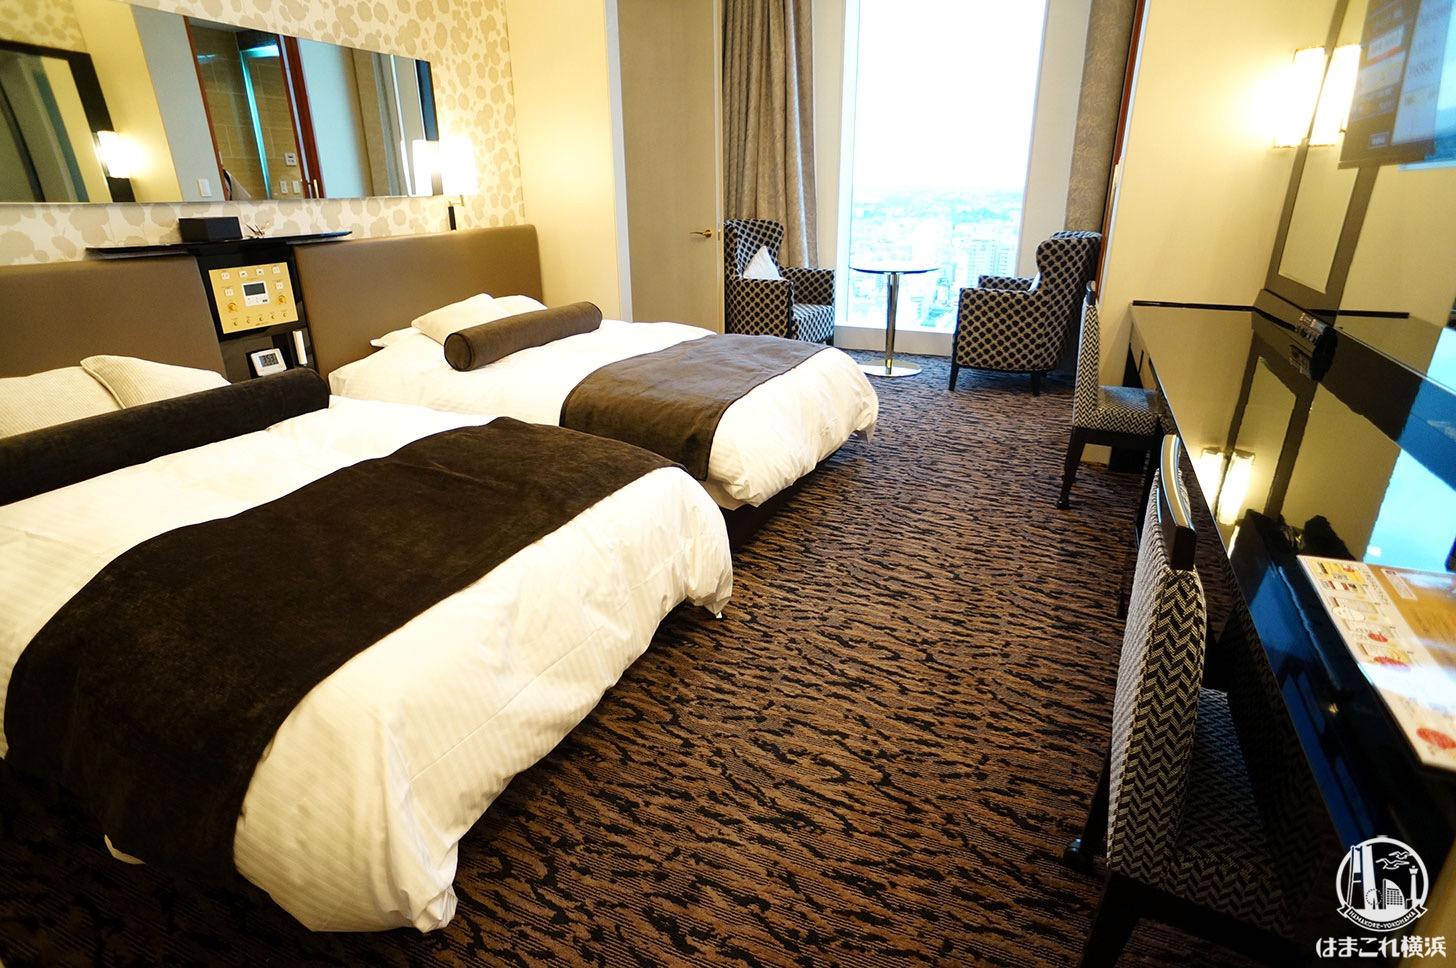 アパホテル&リゾート 横浜ベイタワー「インペリアルスイート」